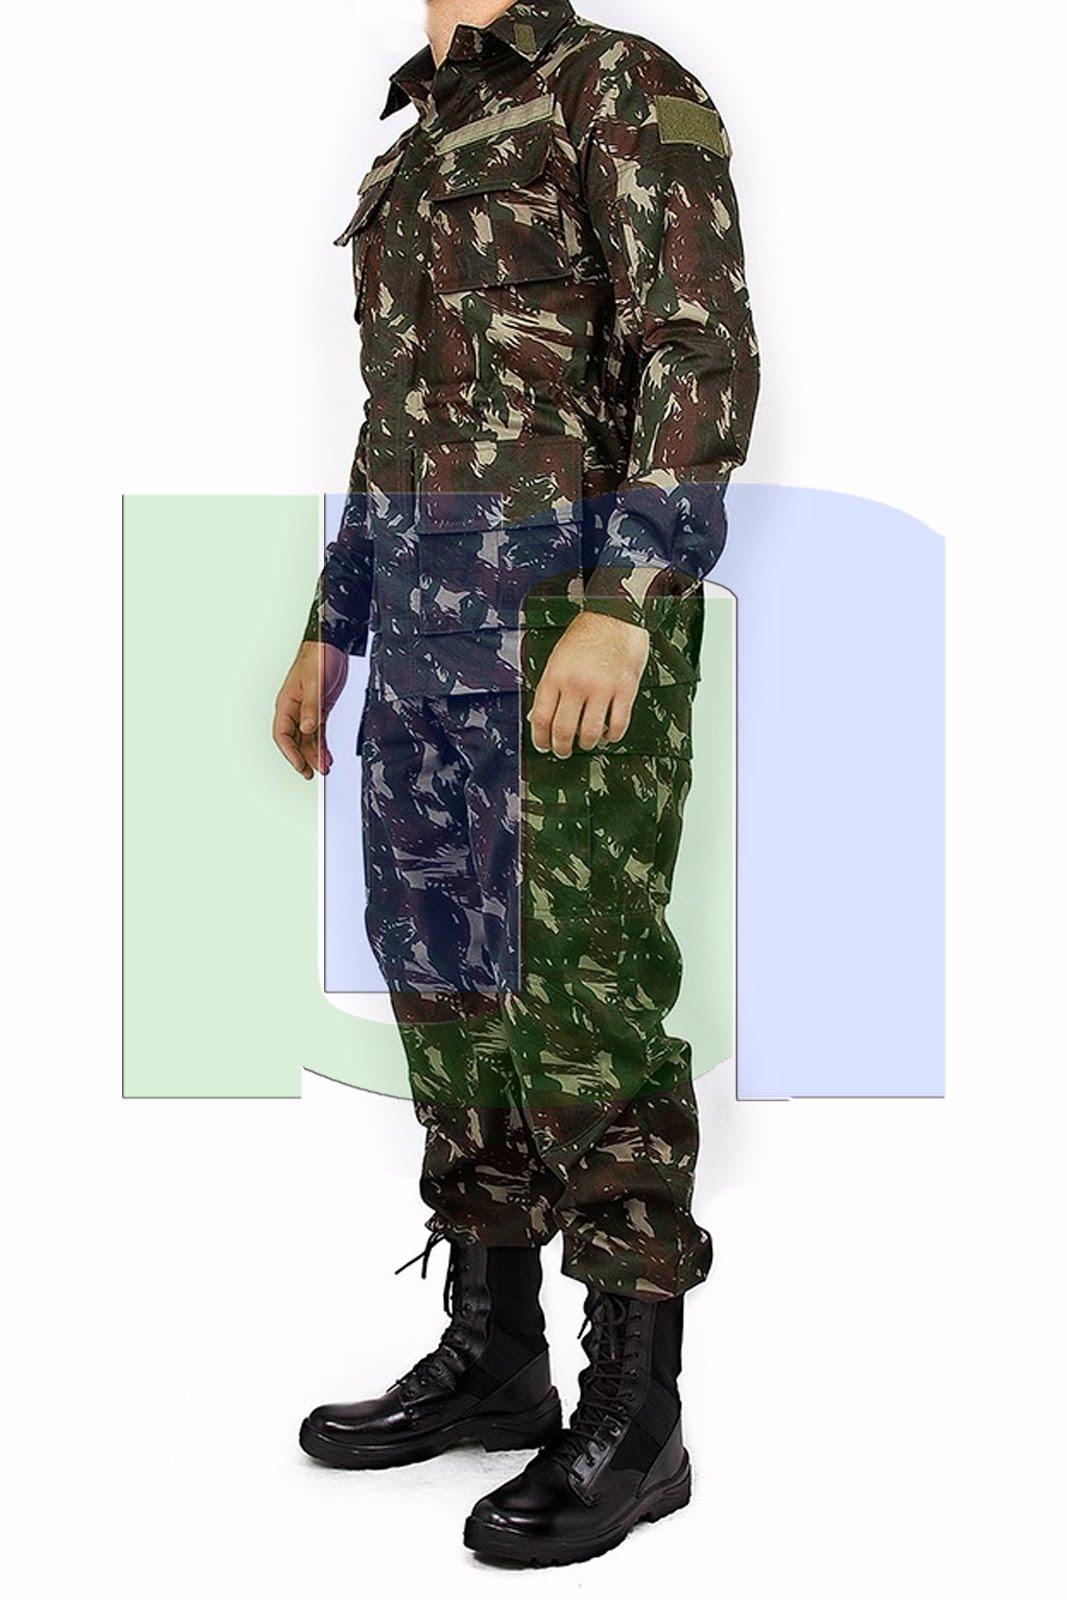 bfb31ae388c46 JUIZ DE FORA-MG - Jovem é detido após usar farda do Exército em festa à  fantasia